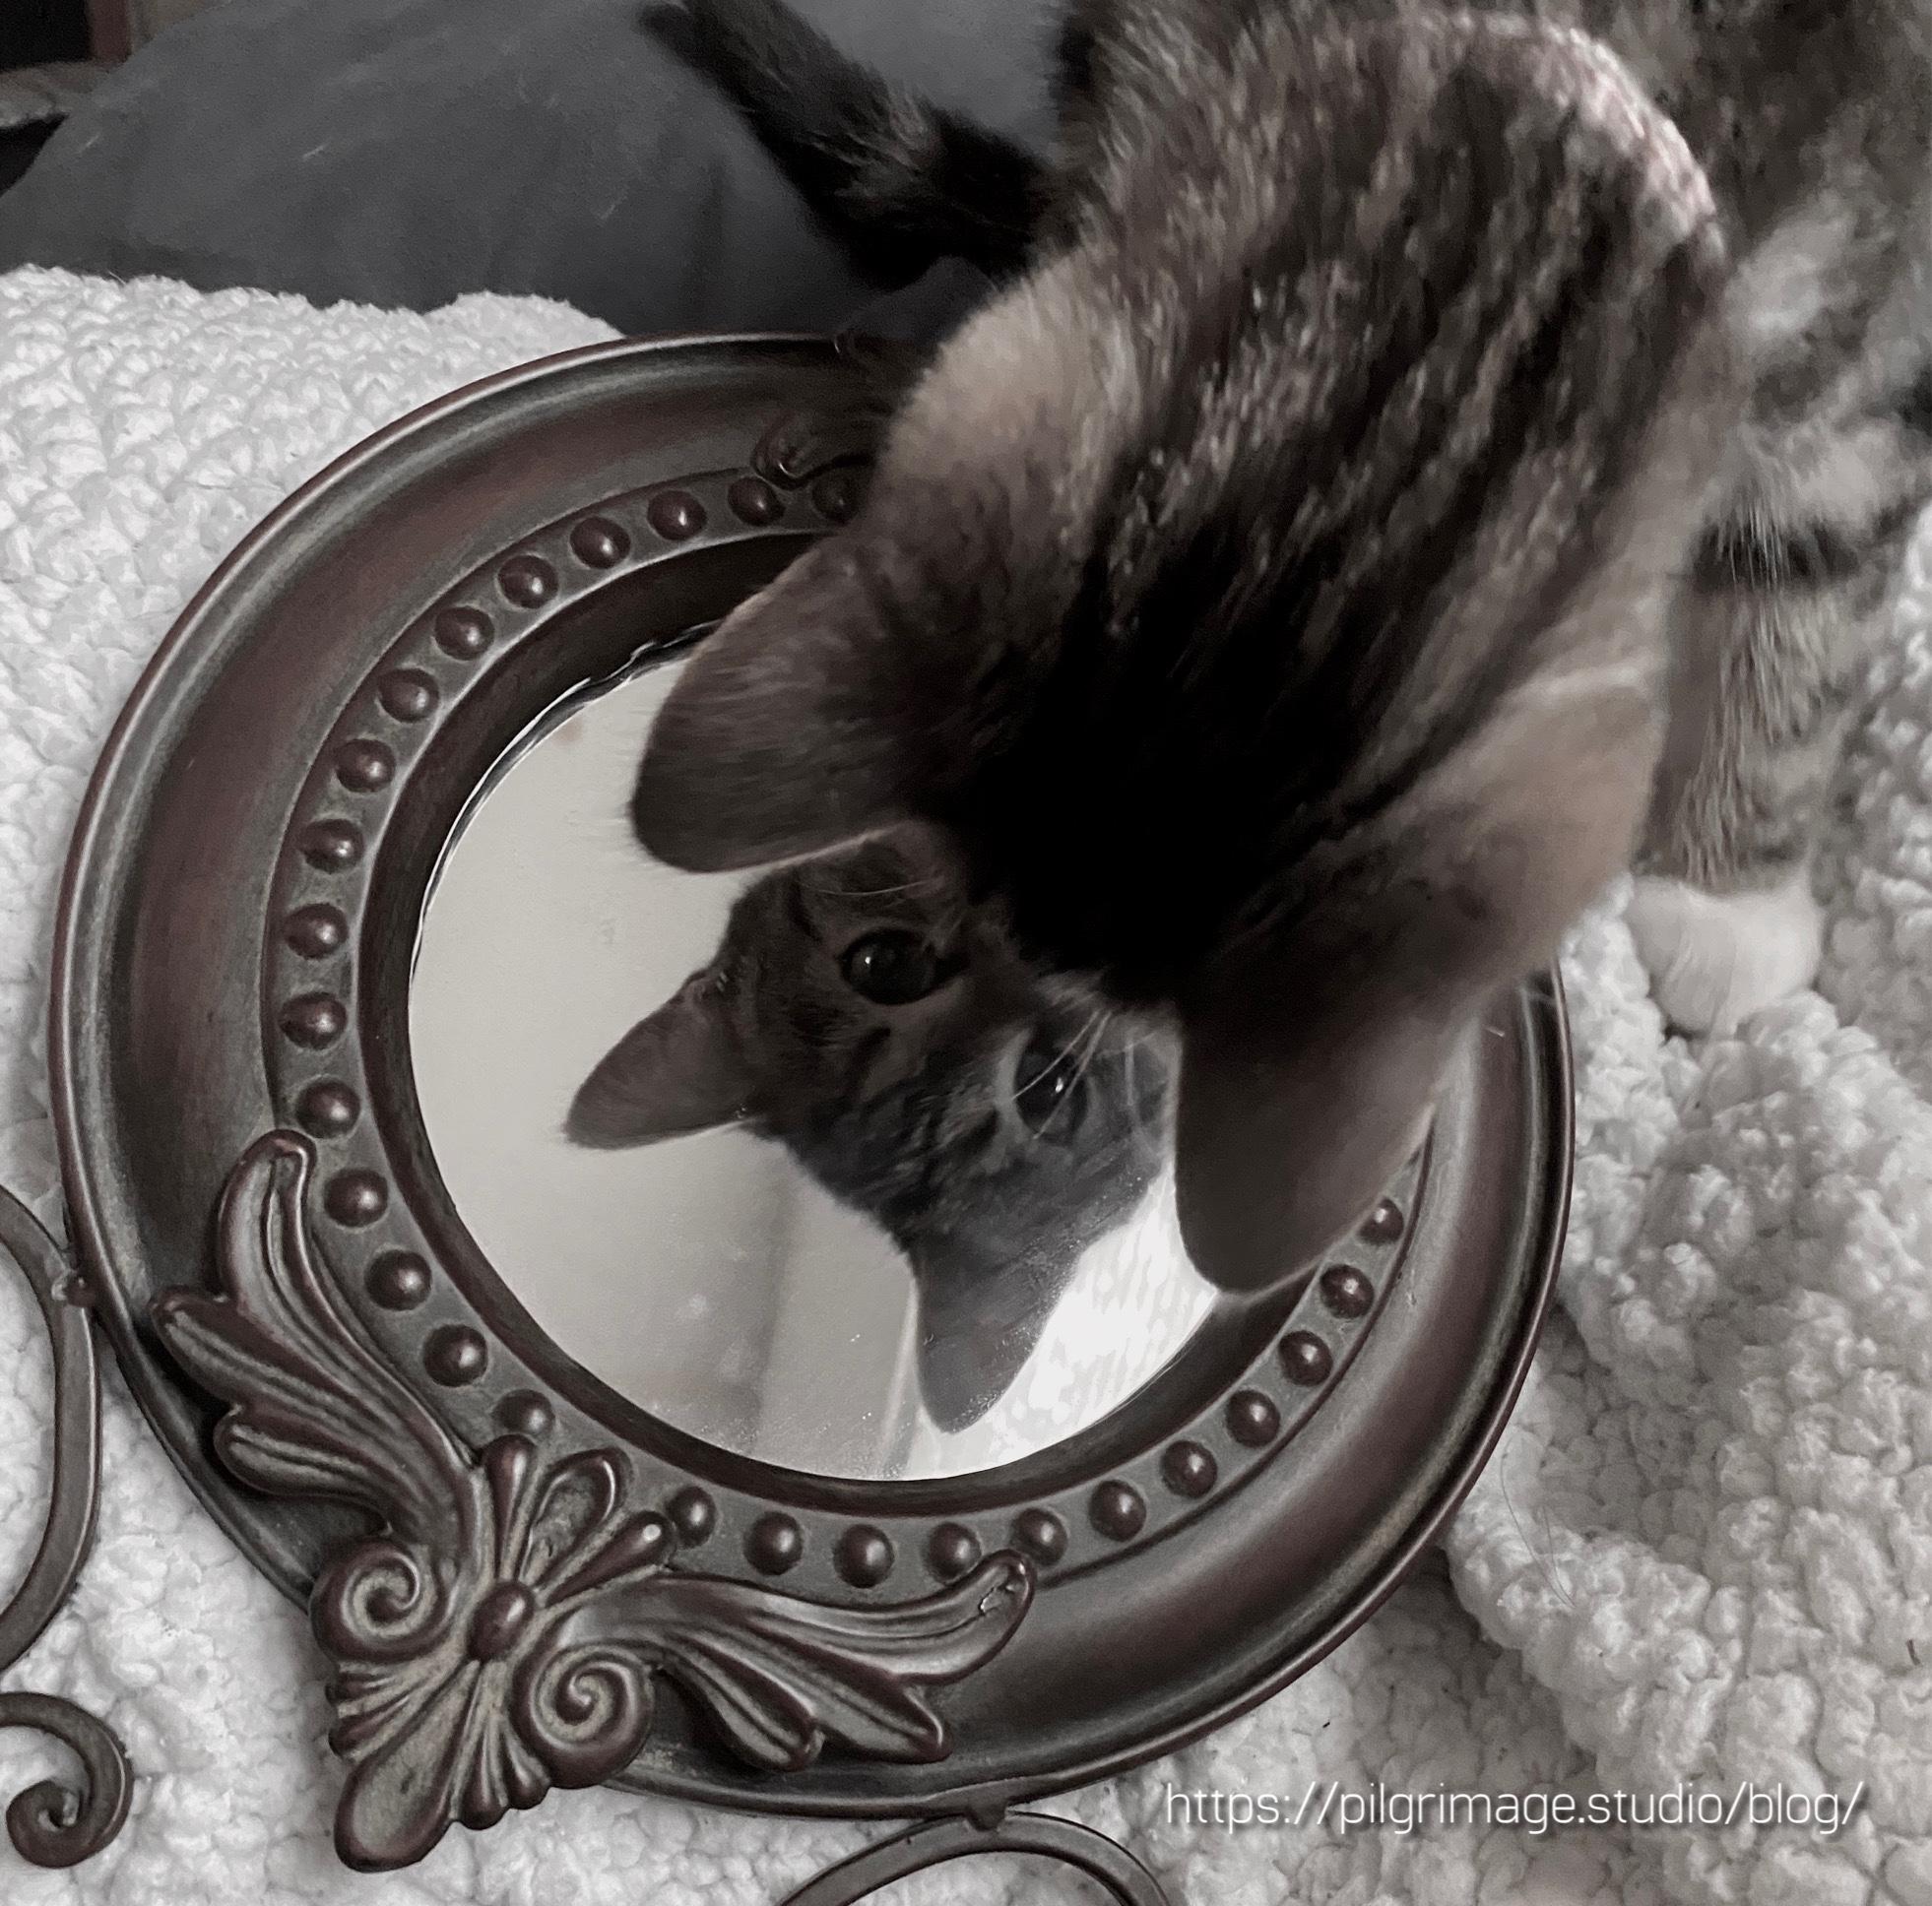 Baby Vanya looking in the mirror